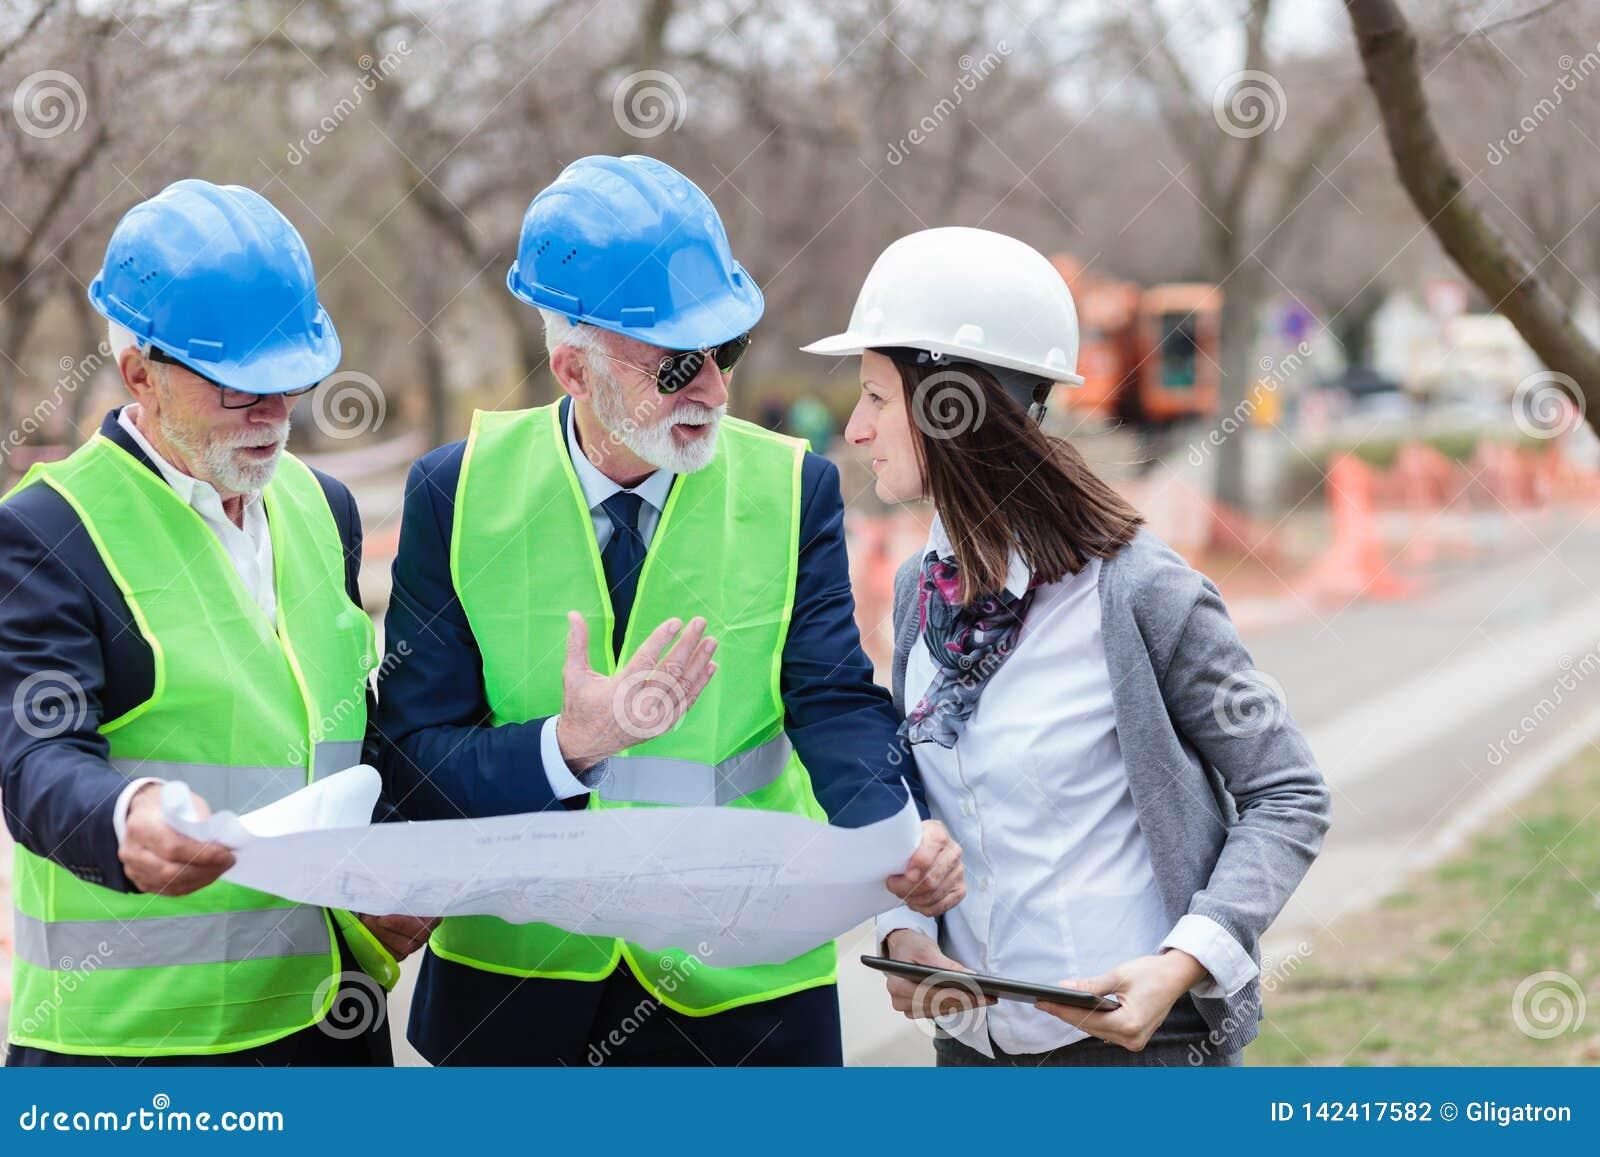 混合群的建筑师和谈论的商务伙伴在工地工作的项目细节